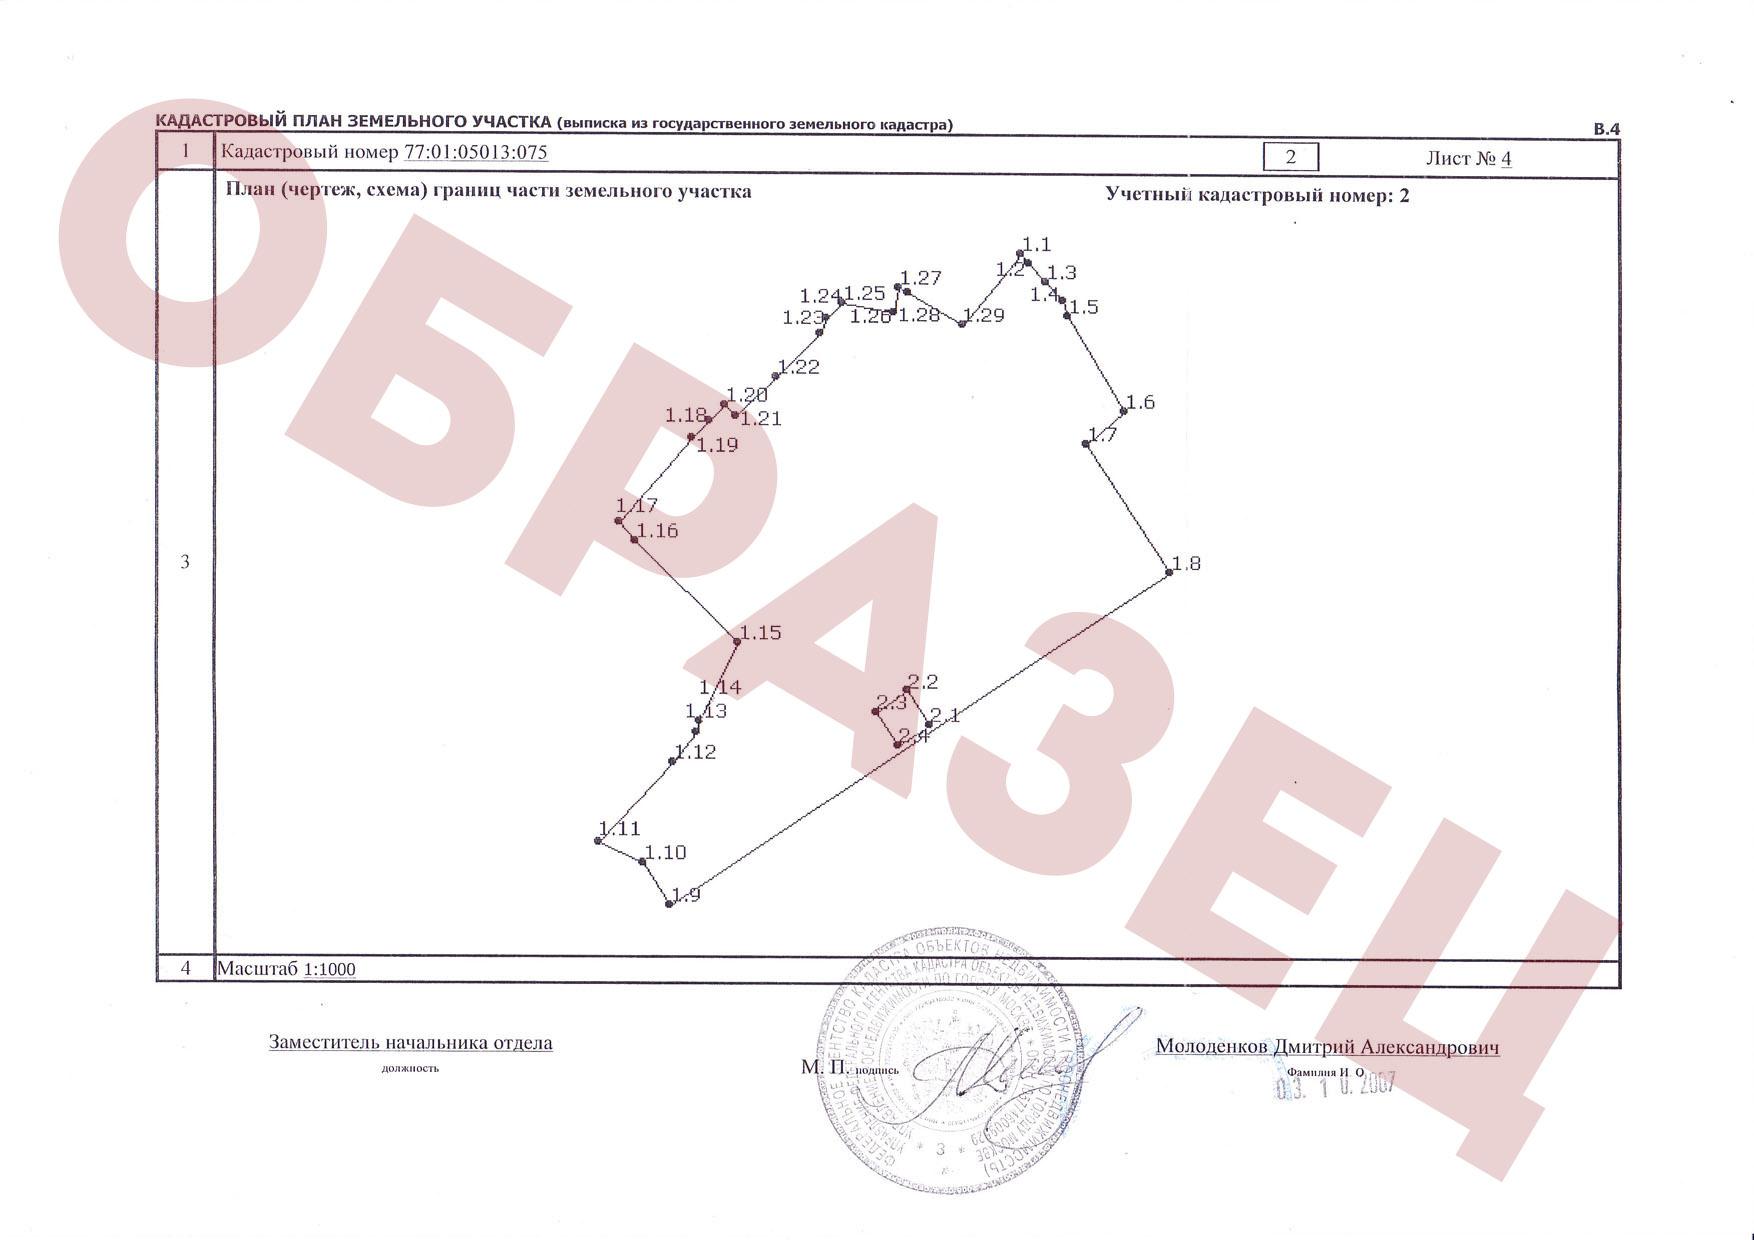 Изображение - Кадастровый план земельного участка Kadastrovyj-plan-4